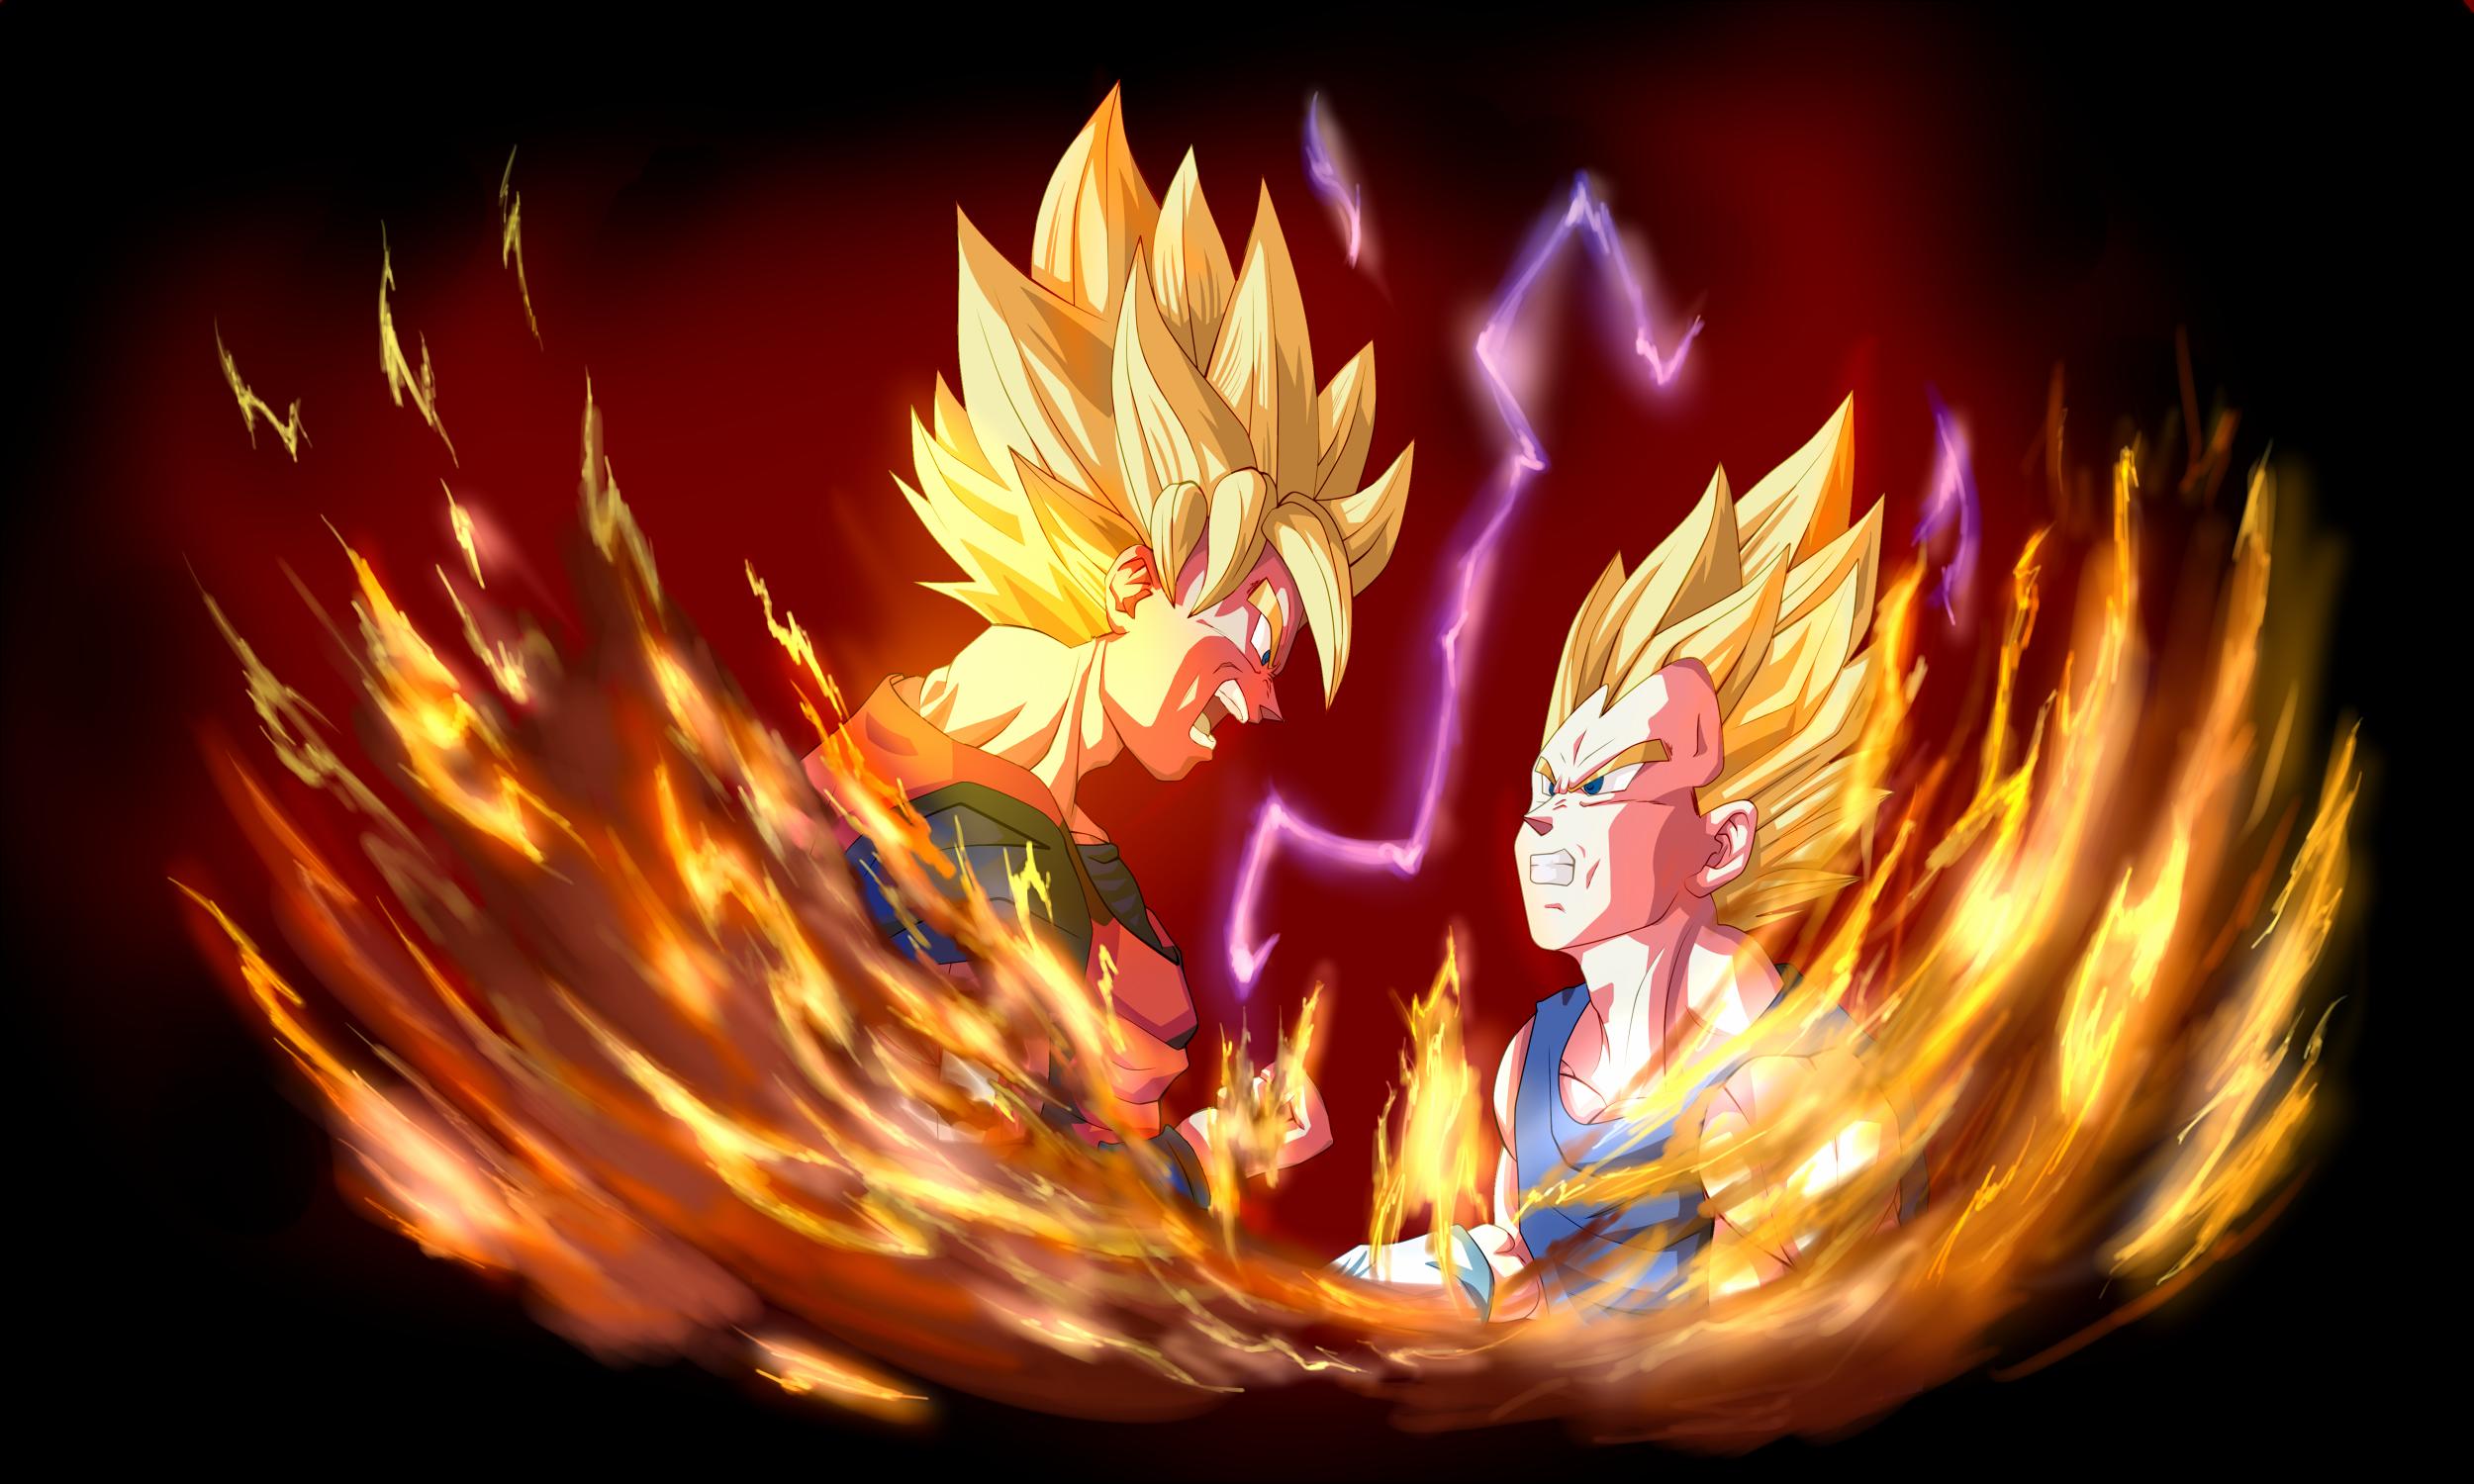 Dragon Ball Z Dragon Ball Dragon Ball Super Goku Bulma S Iphone W In 2020 Dragon Ball Z Iphone Wallpaper Dragon Ball Wallpaper Iphone Anime Dragon Ball Super